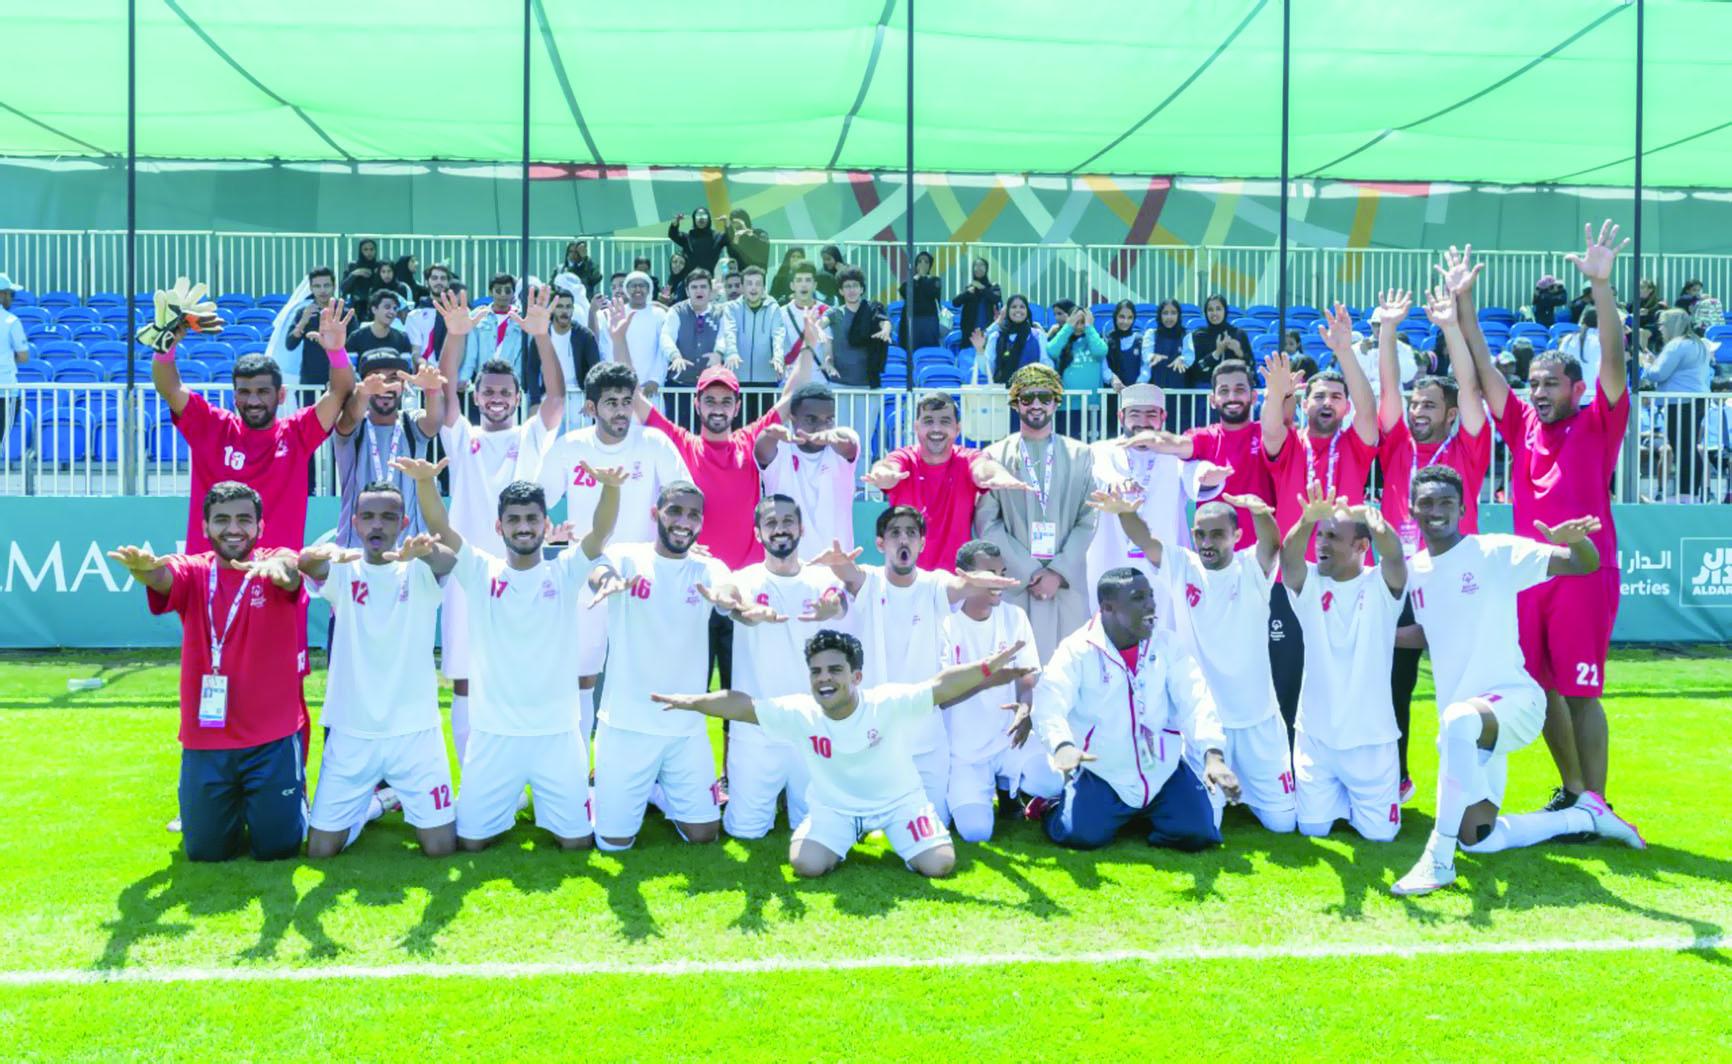 للألعاب العالمية للأولمبياد الخاص بأبوظبي26ميدالية متنوعة         للسلطنة بعد اليوم الرابع